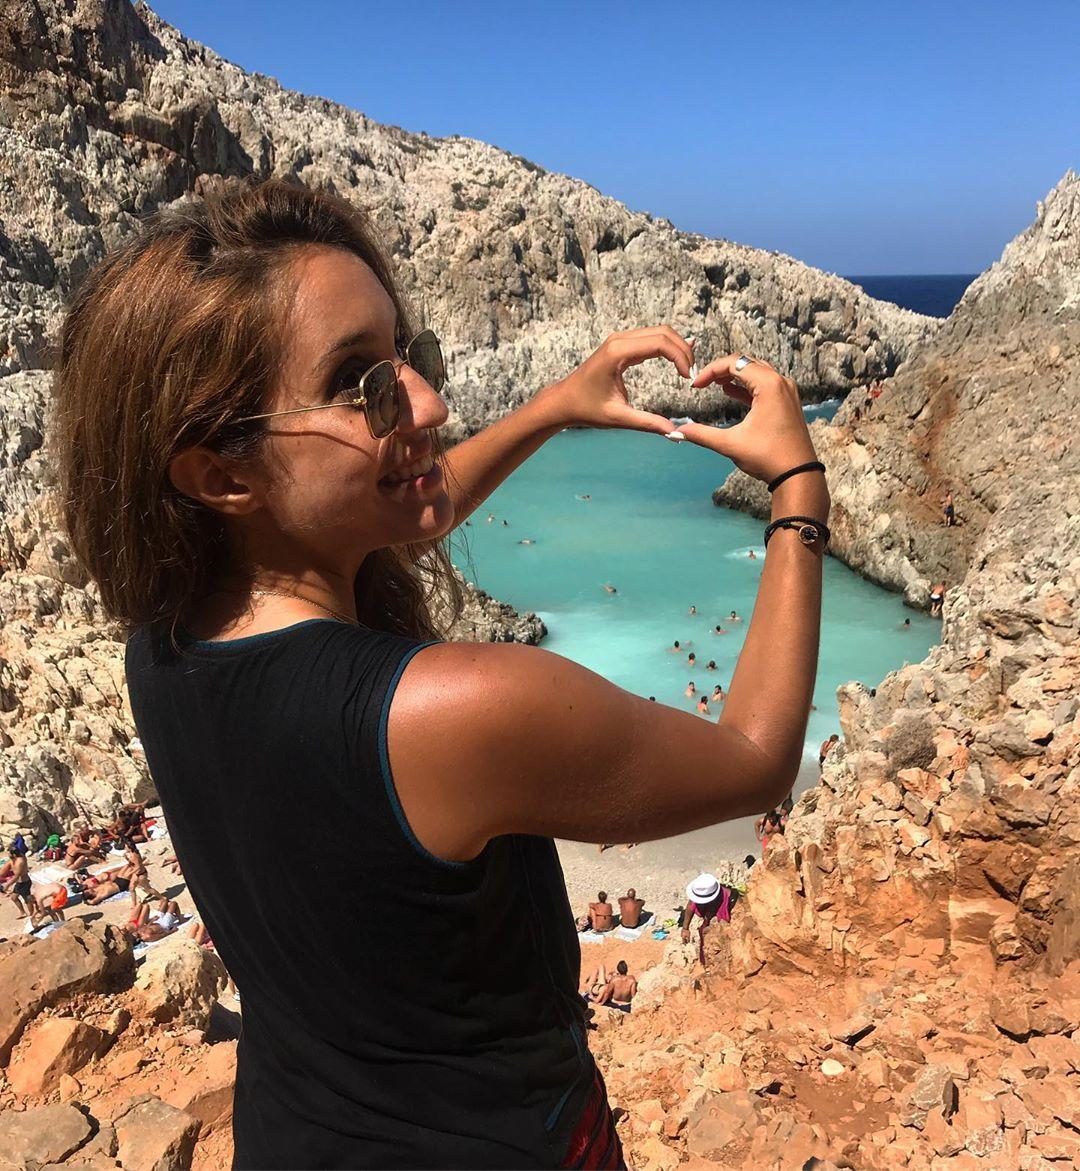 Η Κάλλια Καρτσάκη μας ταξιδεύει στη γενέτειρα της, τα Χανιά